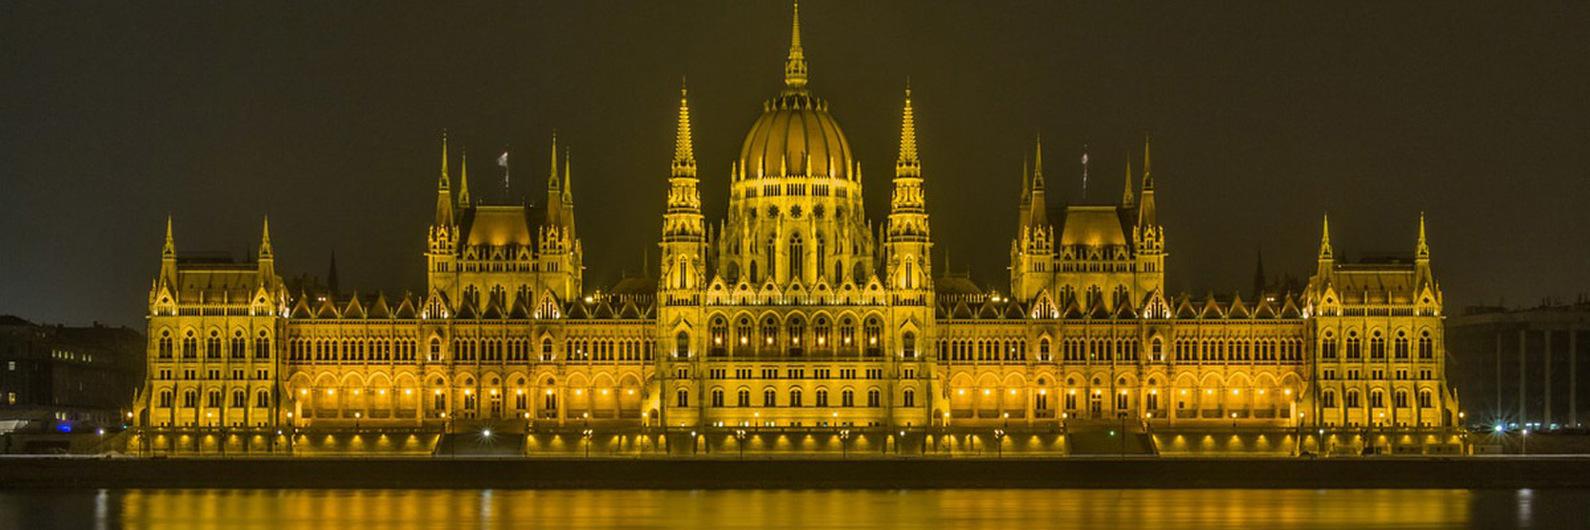 Budapeste: a sua beleza não deixa ninguém indiferente